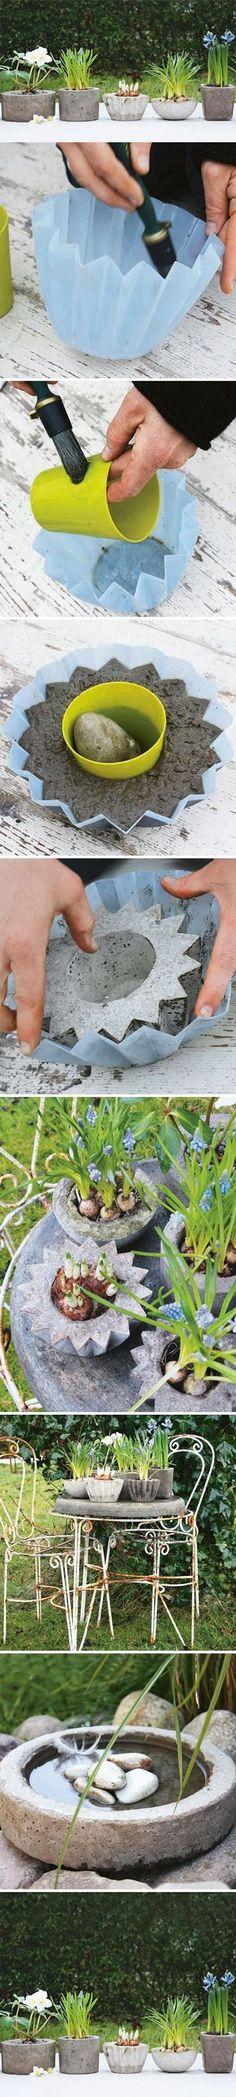 Great Bonsai Idea | DIY & Crafts Tutorials